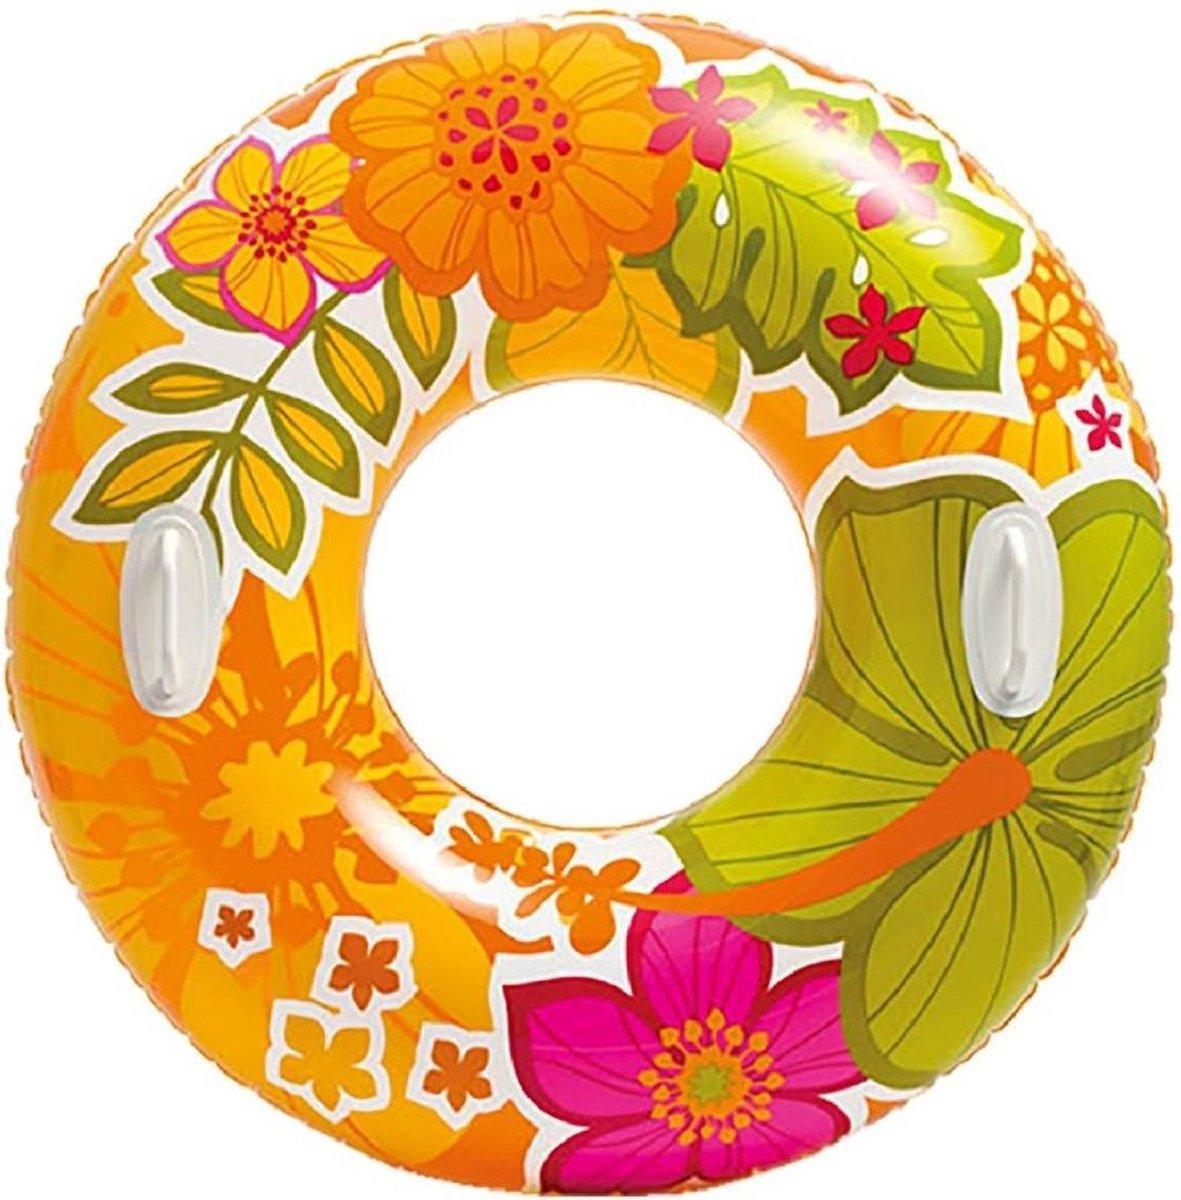 Opblaasbare oranje bloemen zwemband/zwemring 97 cm - Zwembenodigdheden - Zwemringen - Tropisch thema - Bloemen zwembanden voor kinderen en volwassenen